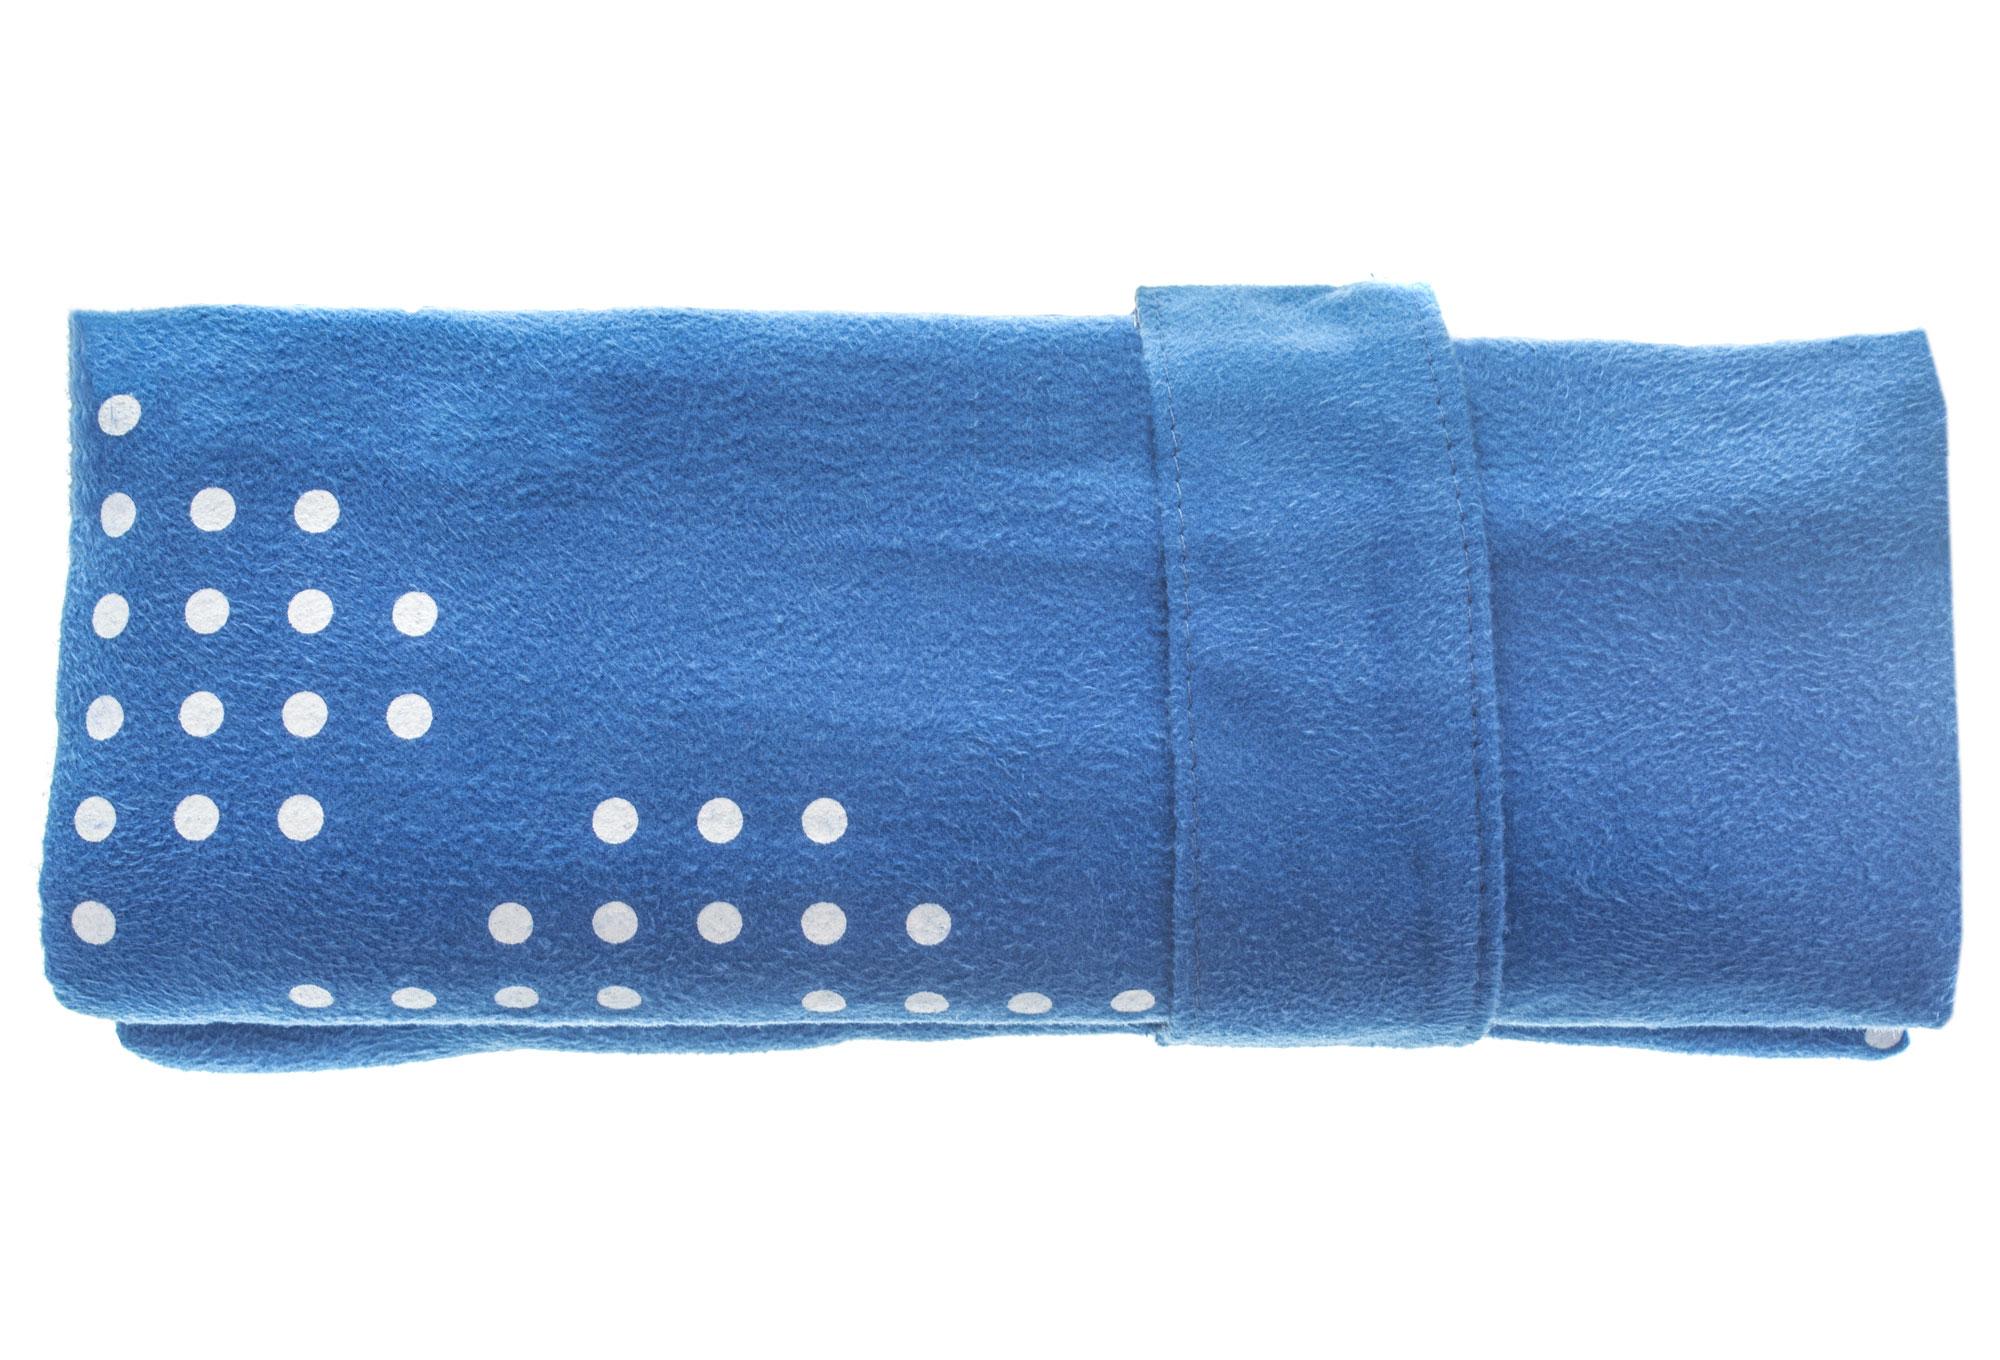 Serviette microfibre arena halo bleu for Serviette piscine arena